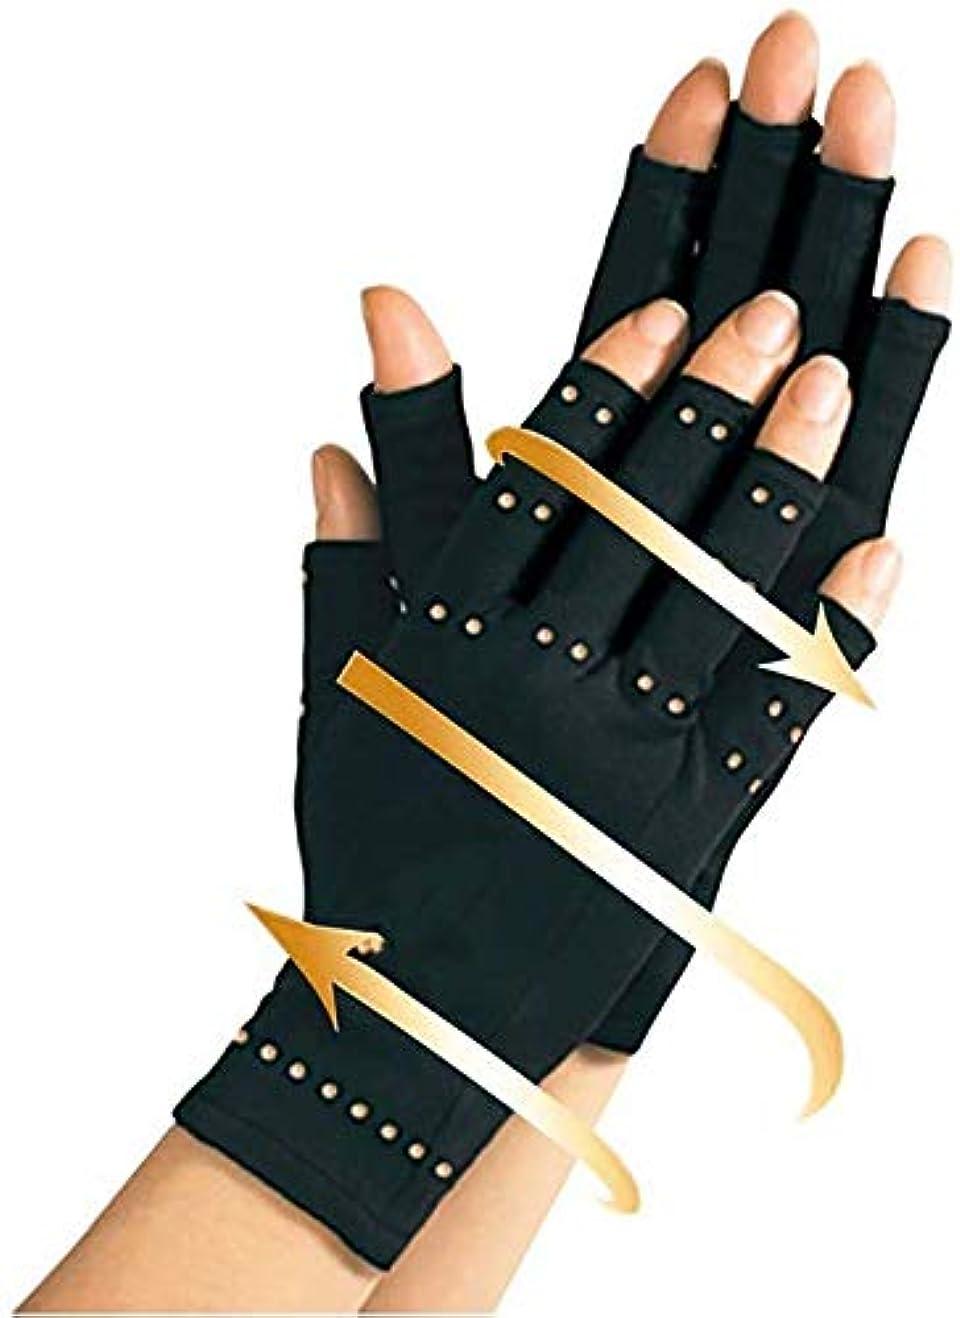 追い出す熱望する火曜日手根管の関節炎手袋圧縮銅含有量、関節リウマチ、変形性関節症、手根管、腱炎、女性と私からの痛みを和らげます